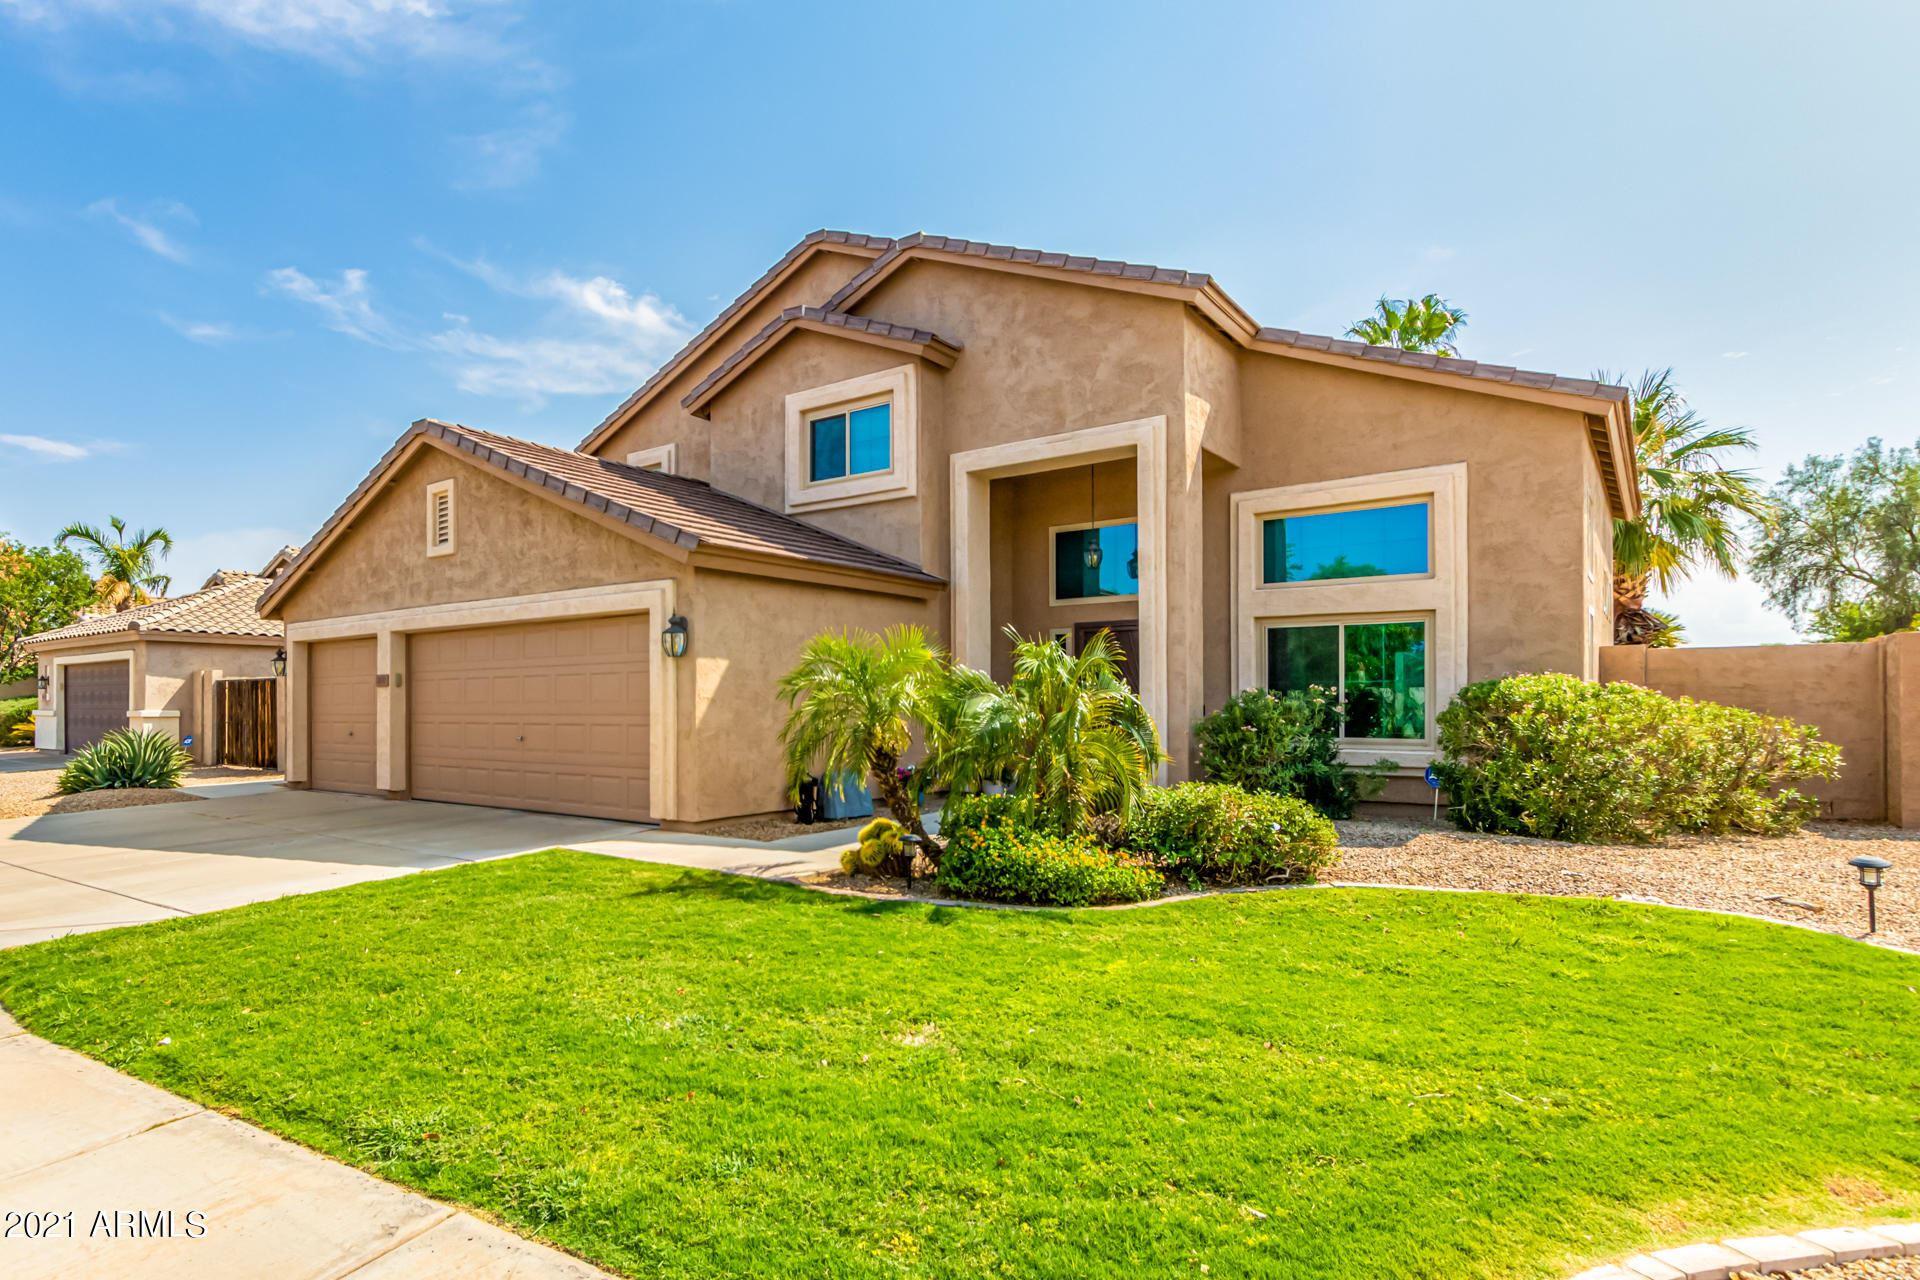 2830 S TUMBLEWEED Lane, Chandler, AZ 85286 - MLS#: 6268604